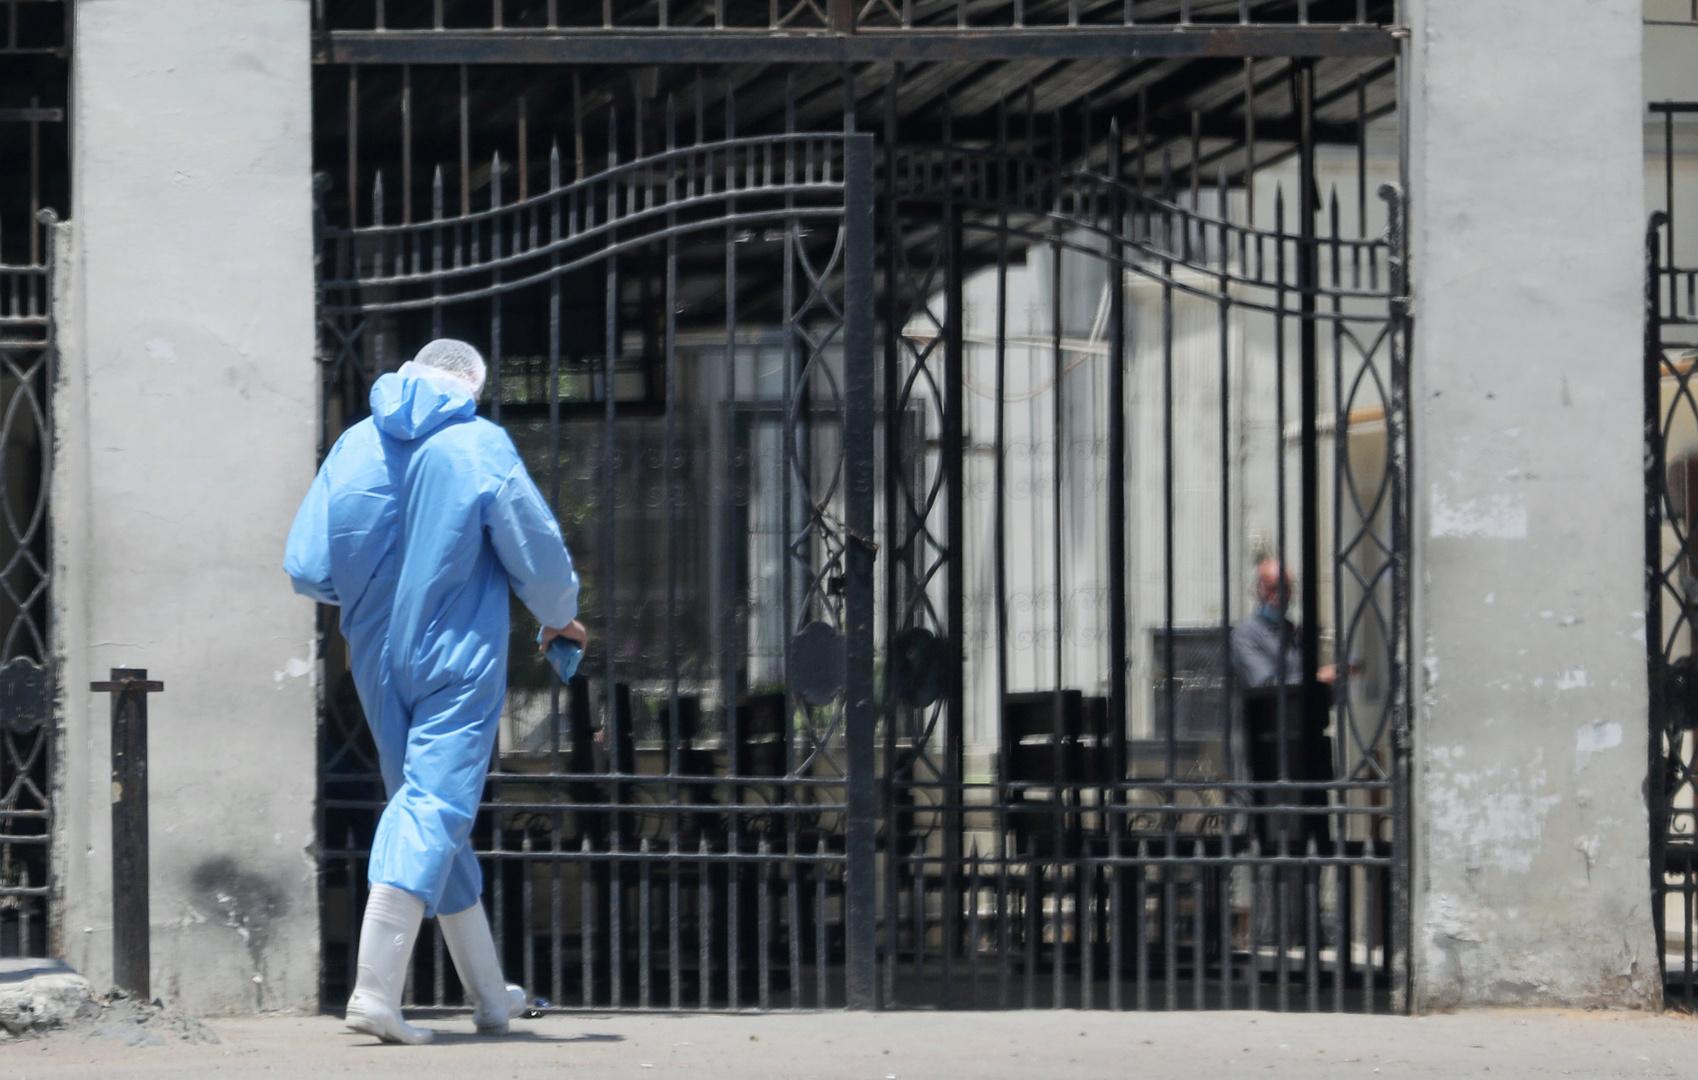 مصر تحذر من موجة ارتدادية لفيروس كورونا